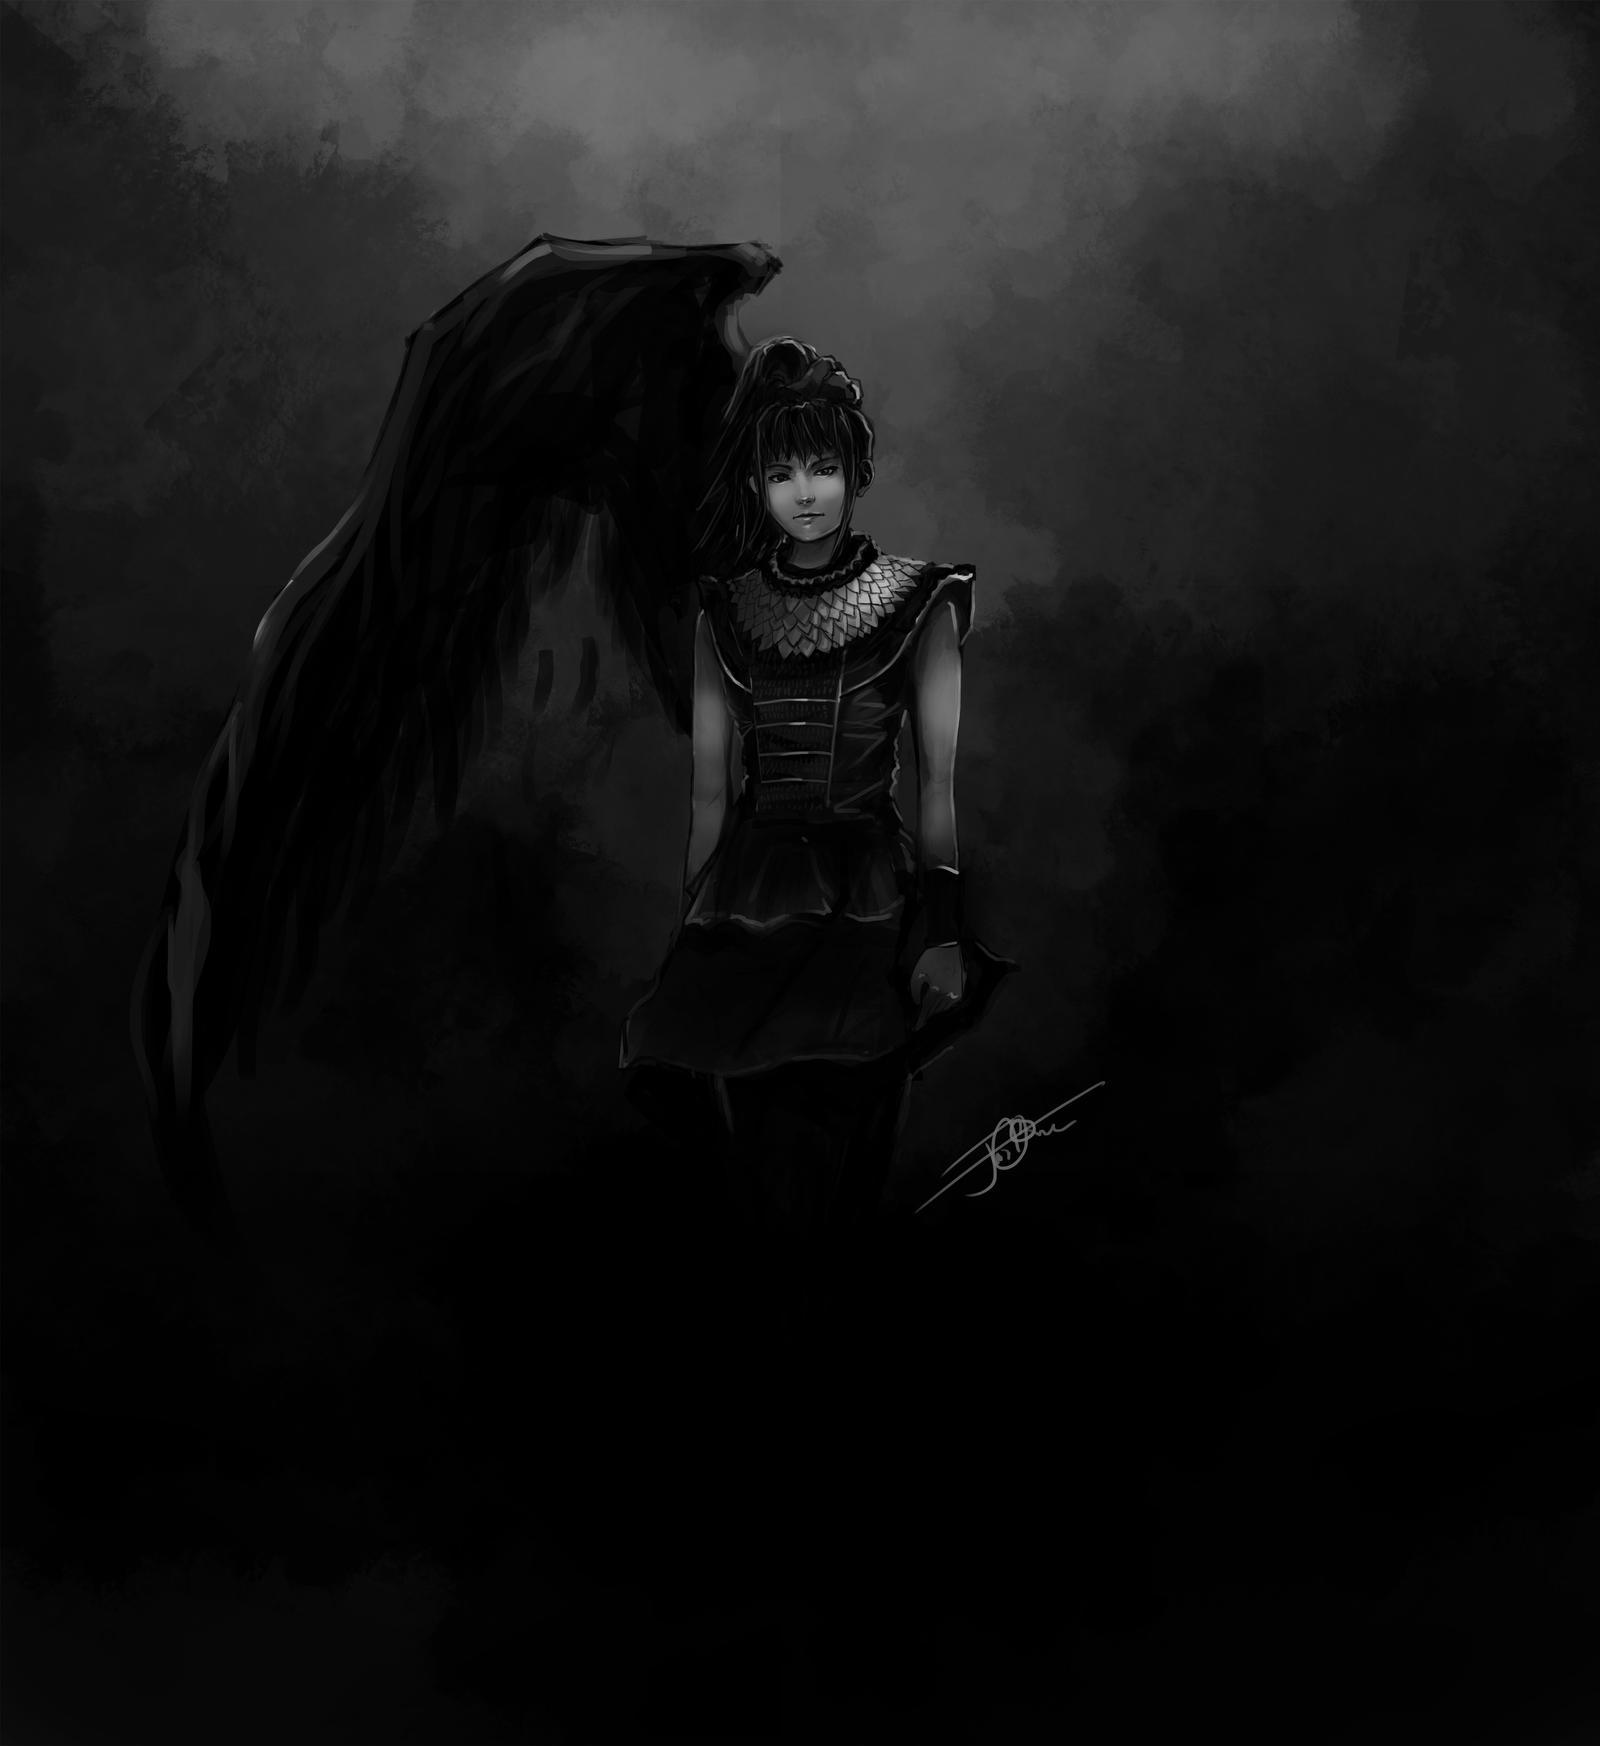 Su Metal Dark Angel Updated By Jfivemedia On Deviantart